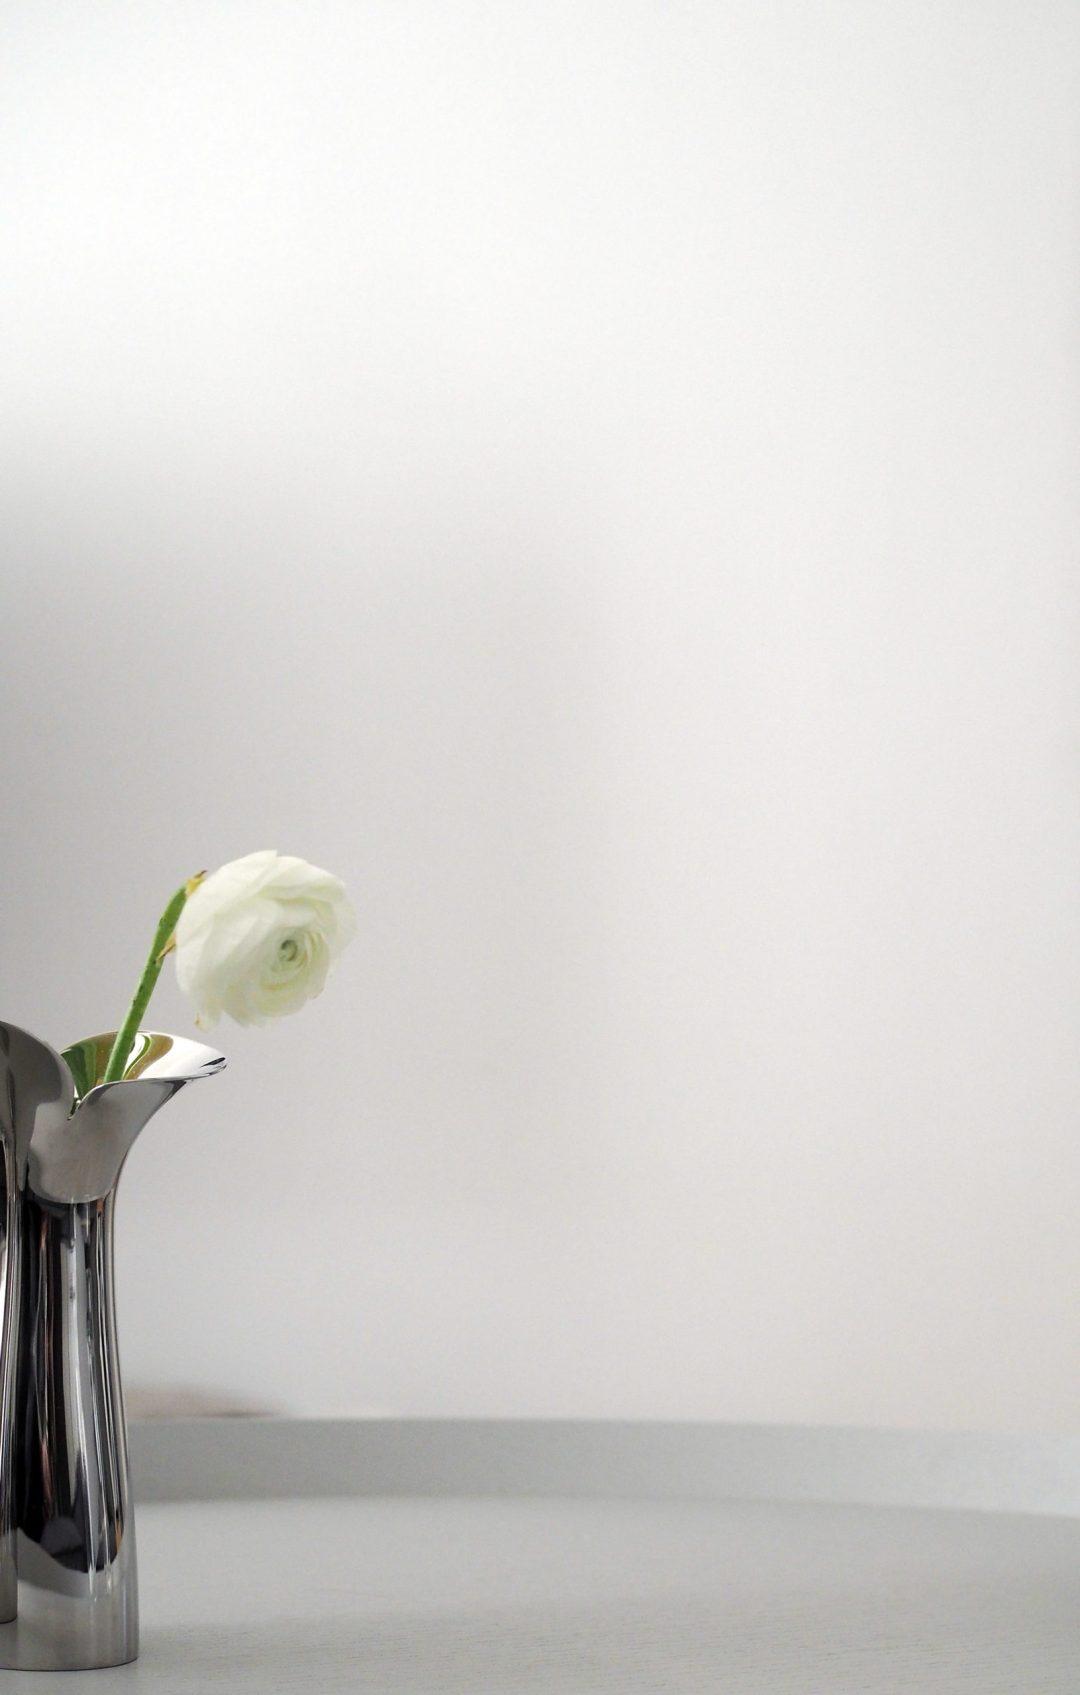 Simple minimal Danish vase - Bloom by Georg Jensen